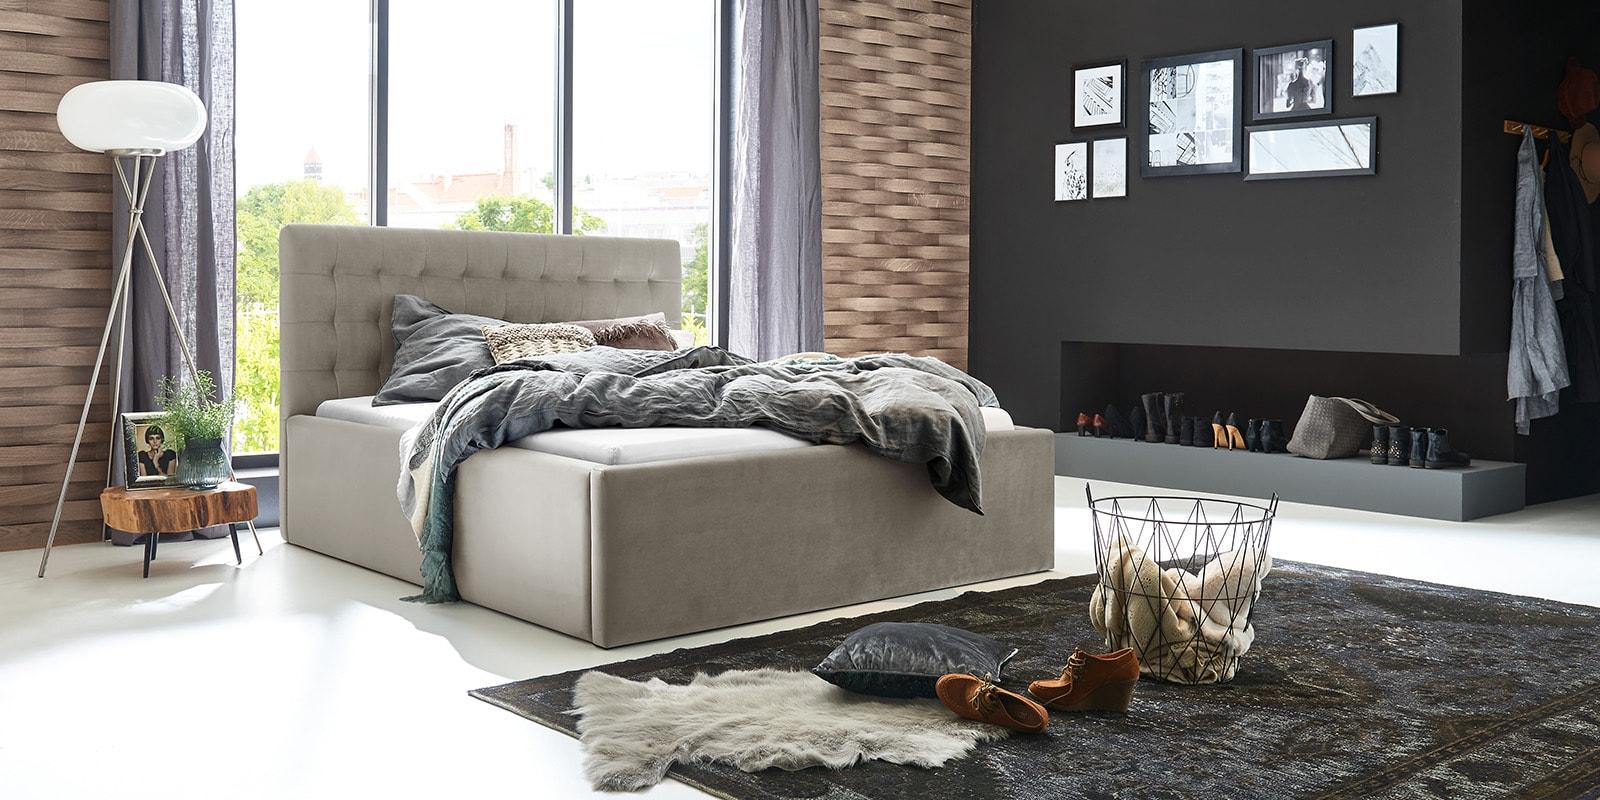 Moebella24 - Bett - mit - Bettkasten - Molly - Samt - Altweiß - Stauraum - Bettkasten - und - Lattenrost - vormontiert - verstärkte - Dämpfer - Von - vorne - links